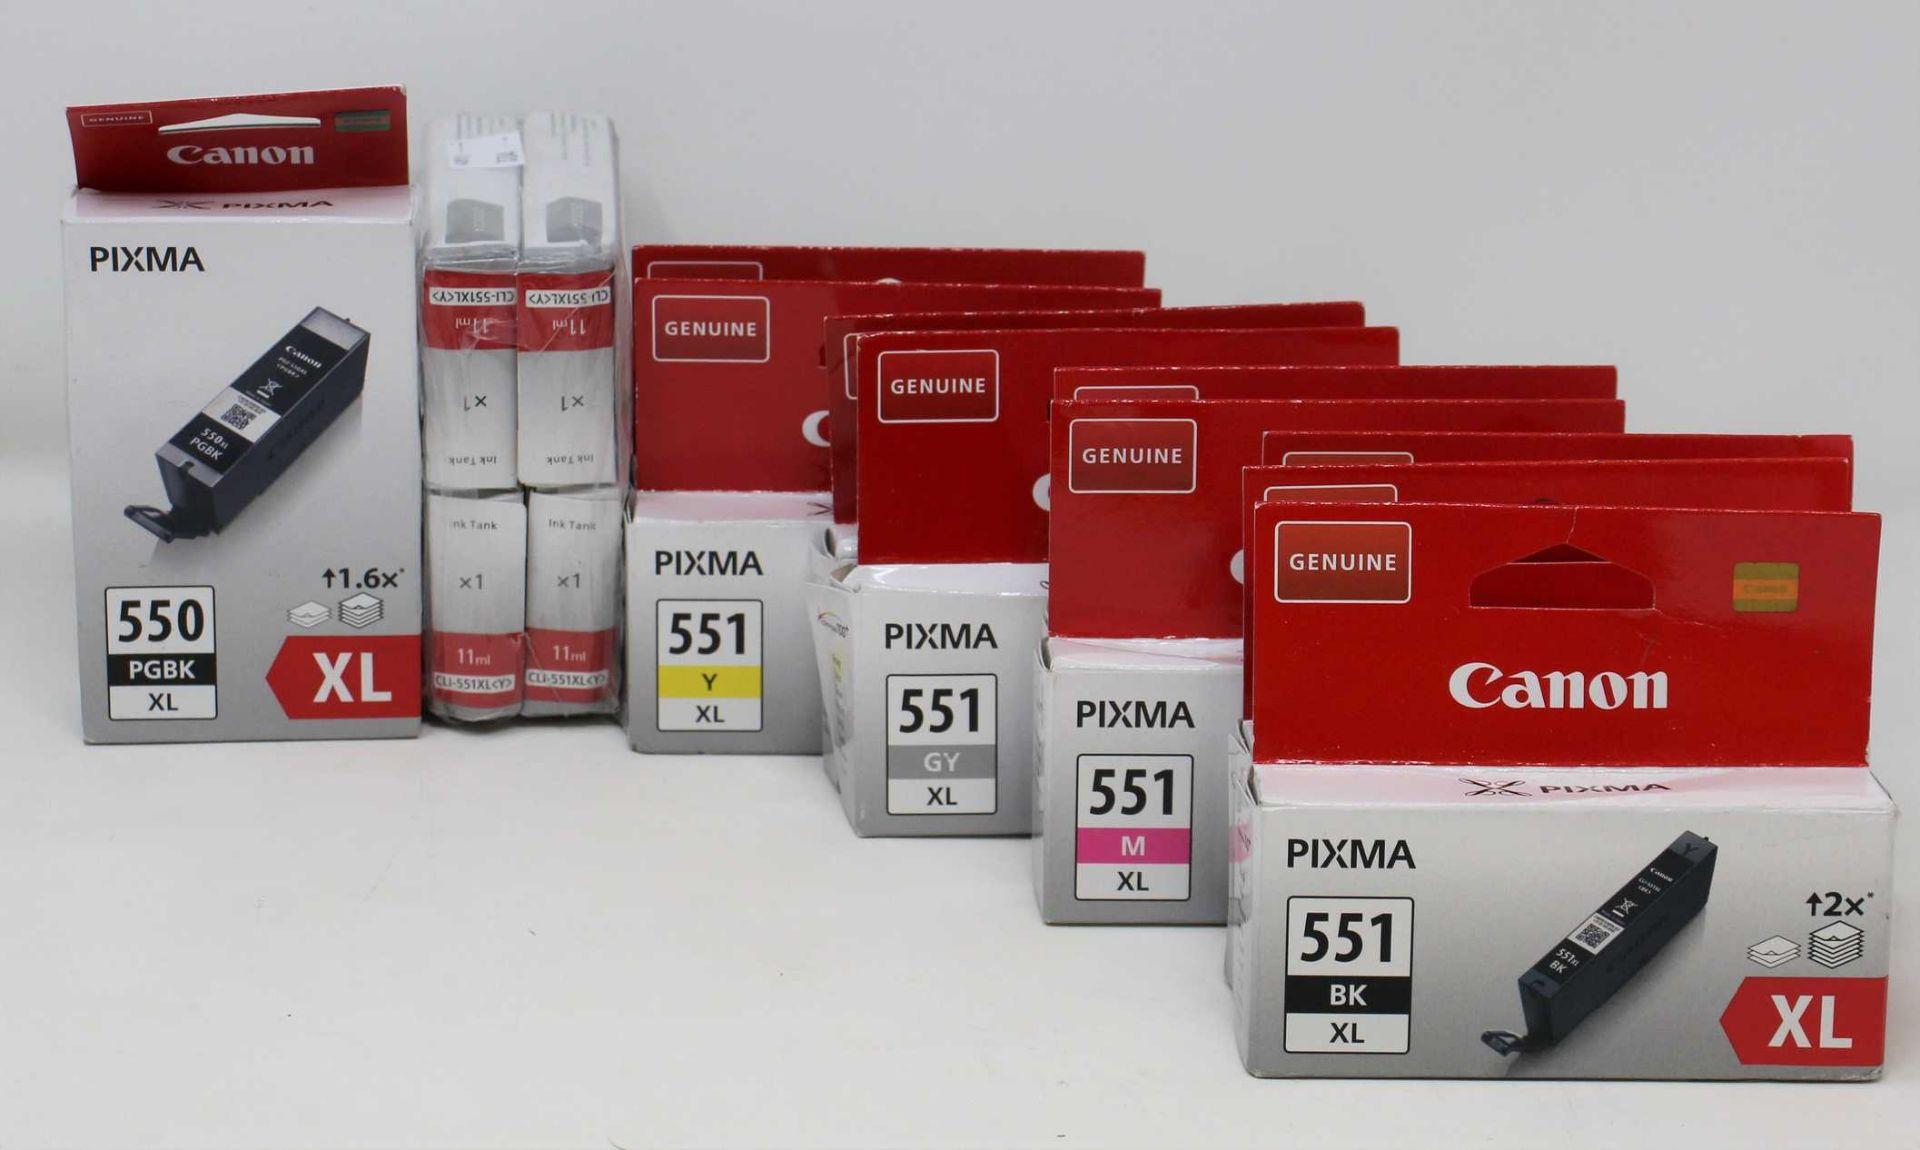 Fourteen boxed as new Canon Pixma Ink cartridges: 1 x 550 PGBK XL Black, 3 x 551 XL Black, 2 x 551